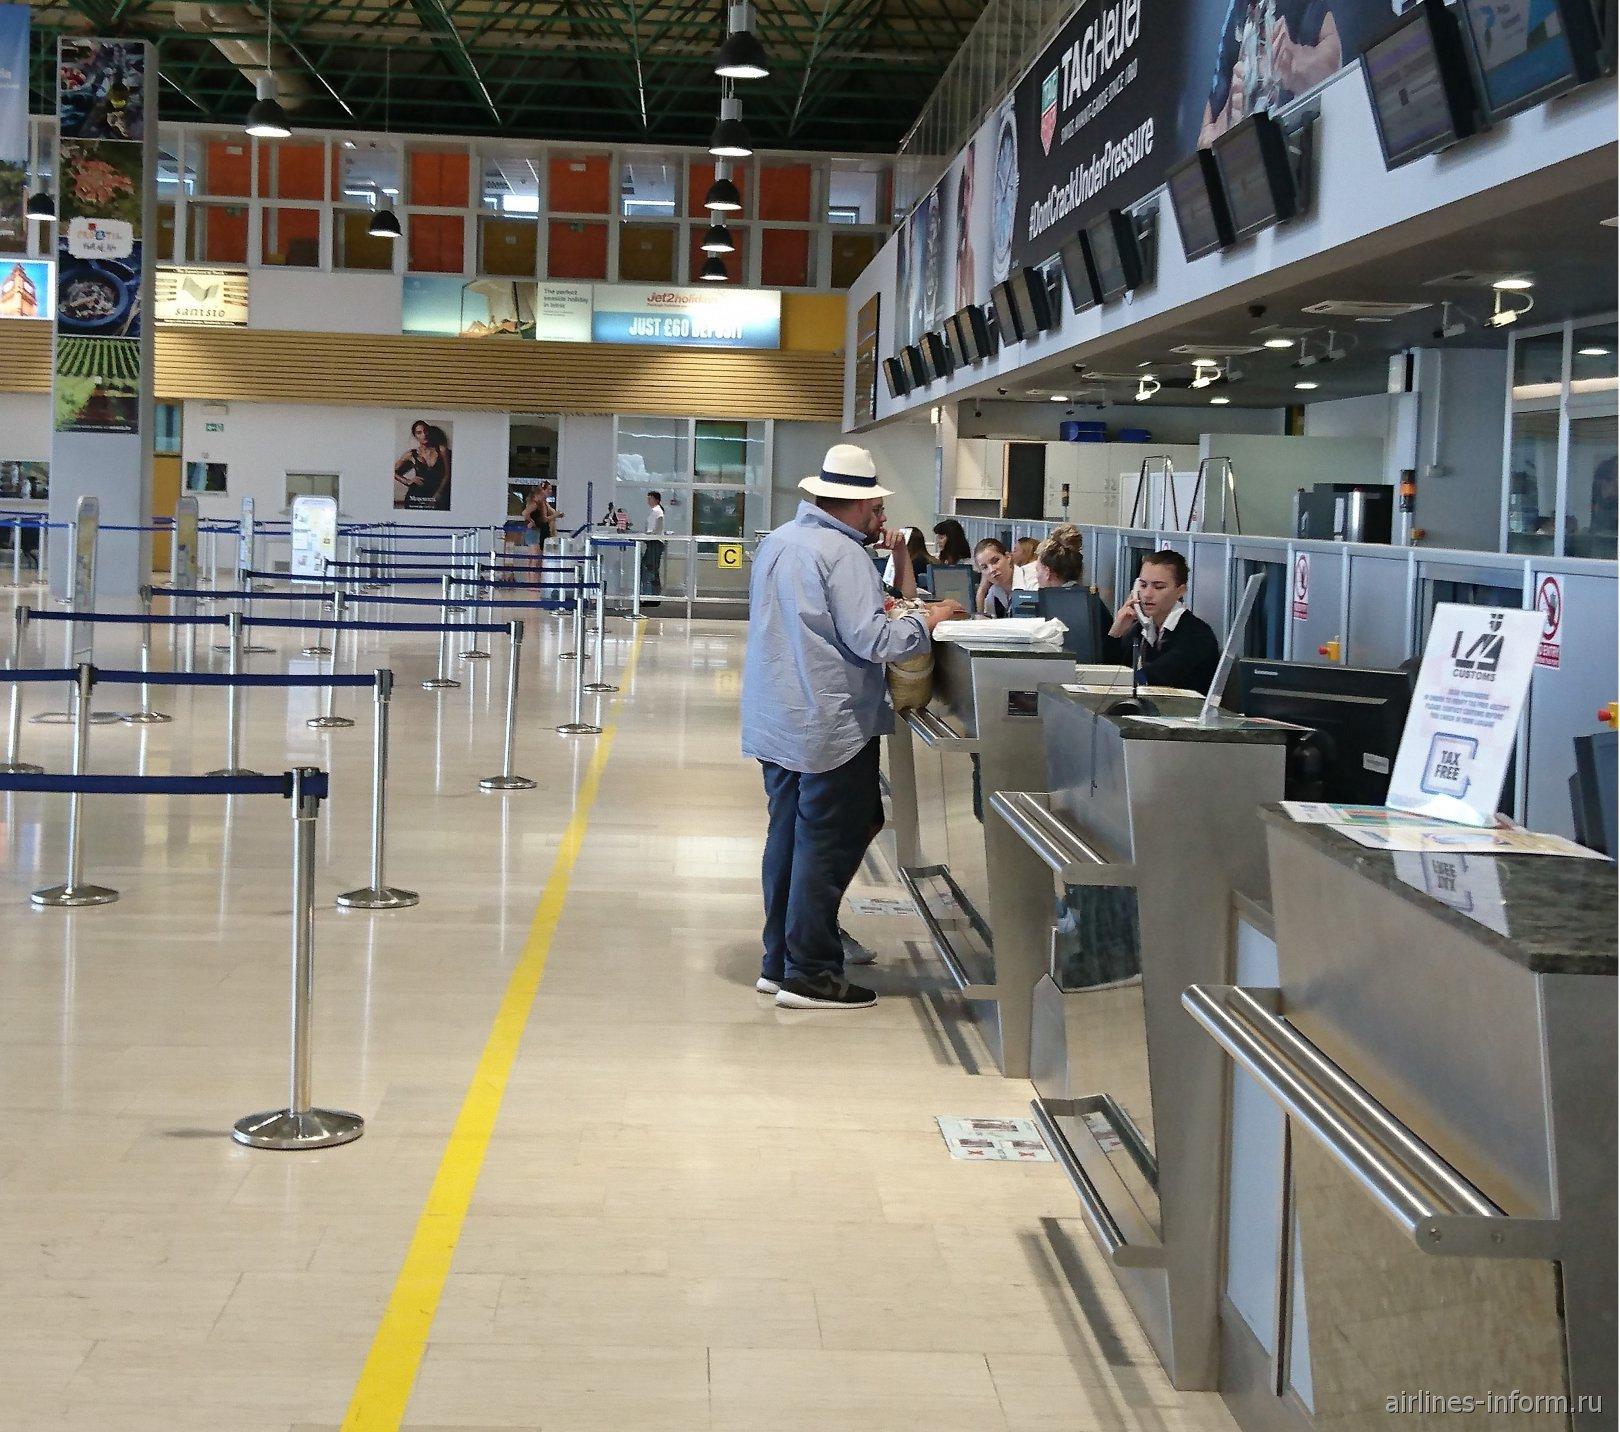 Стойки регистрации в аэропорту Пула